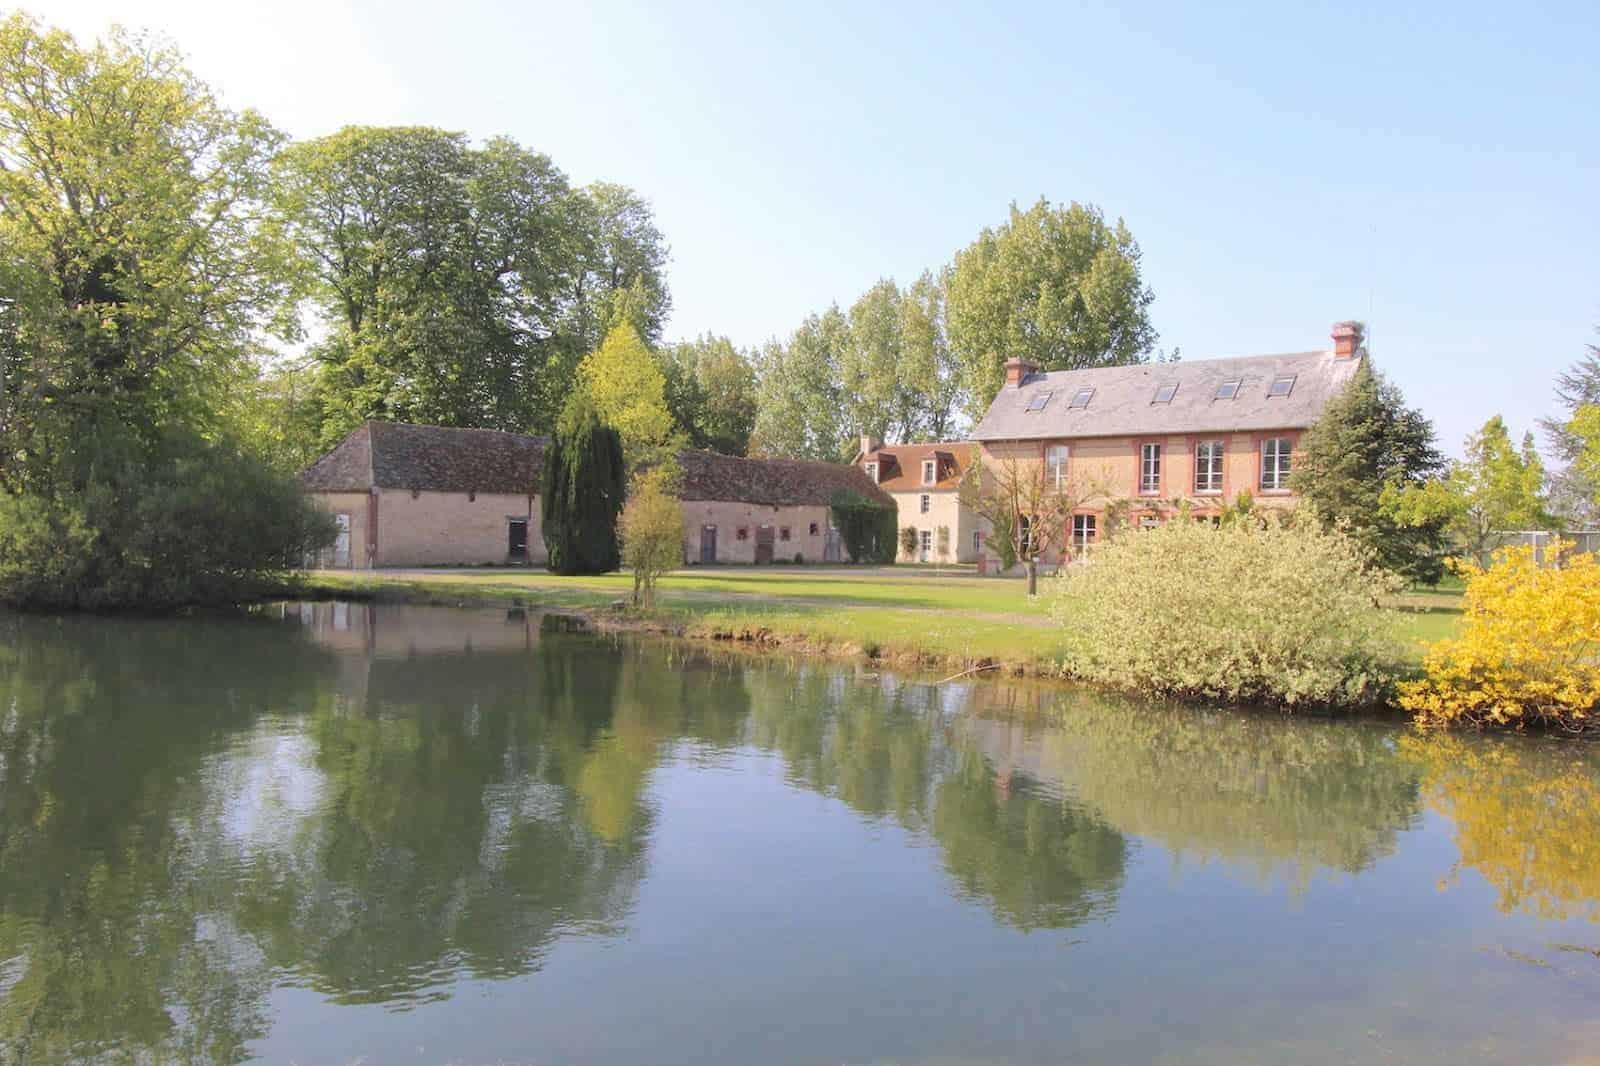 superbe-manoir-restaure-a-vendre-cheminee-garages-bergerie-piscine